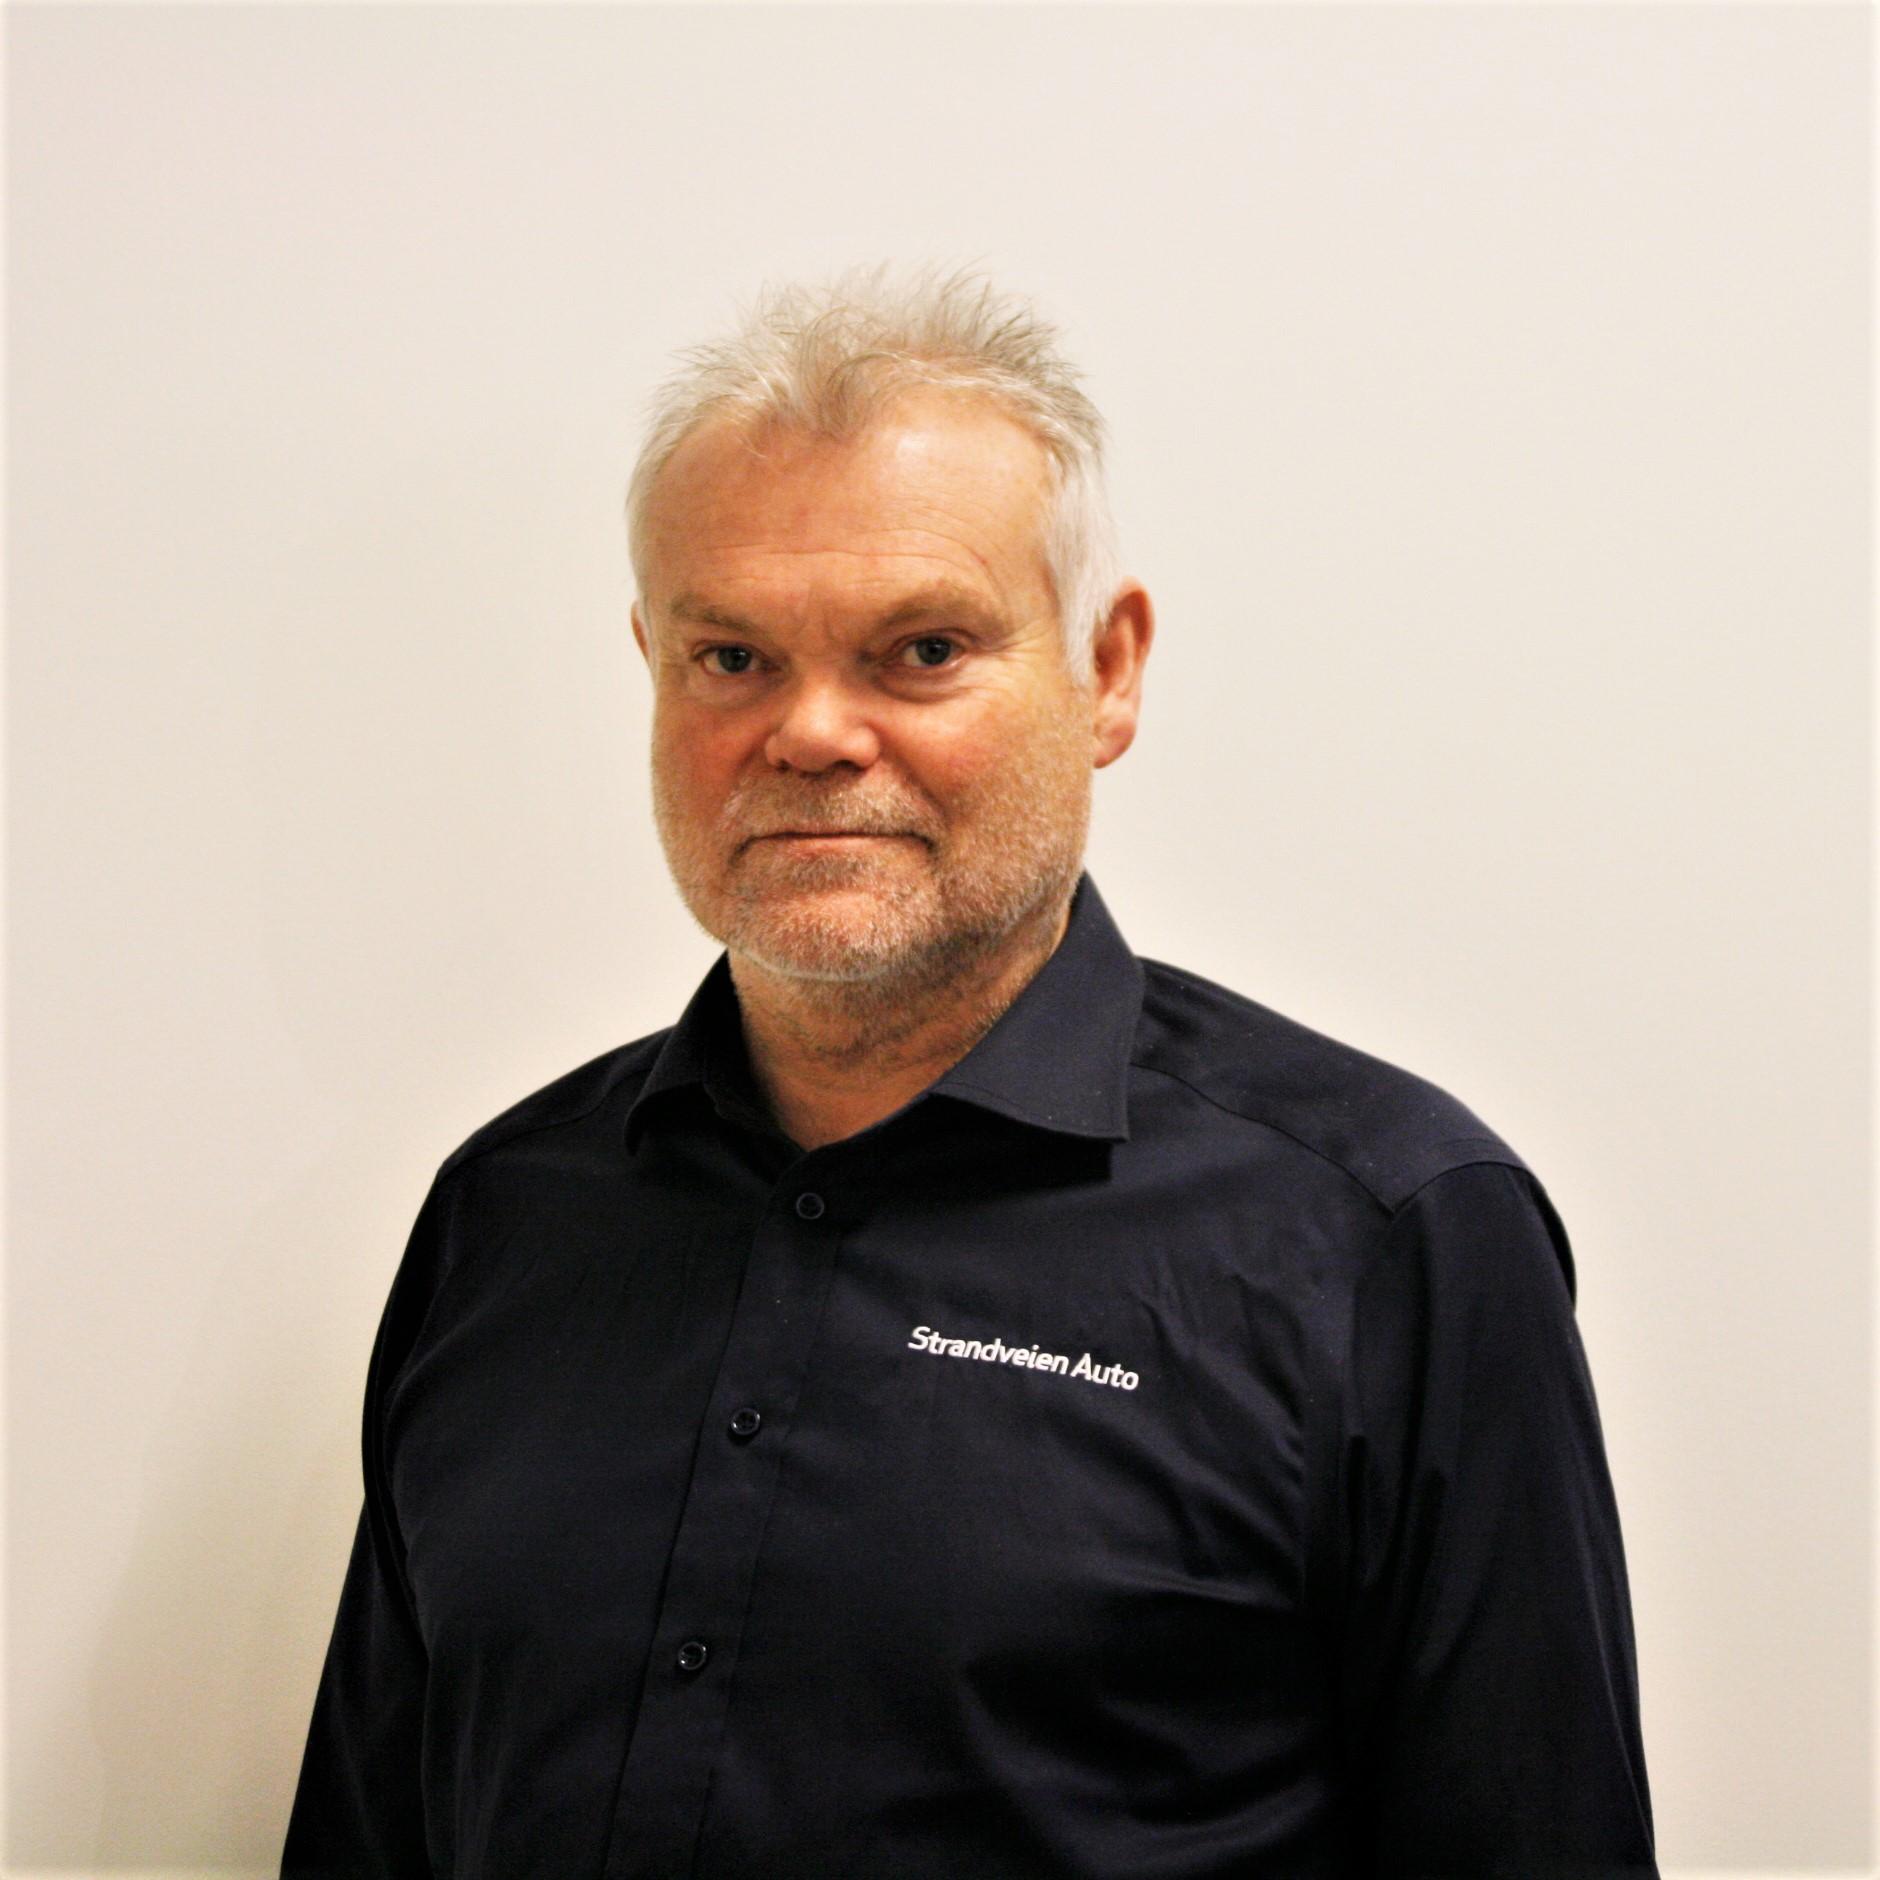 Ingolv Bengtsen